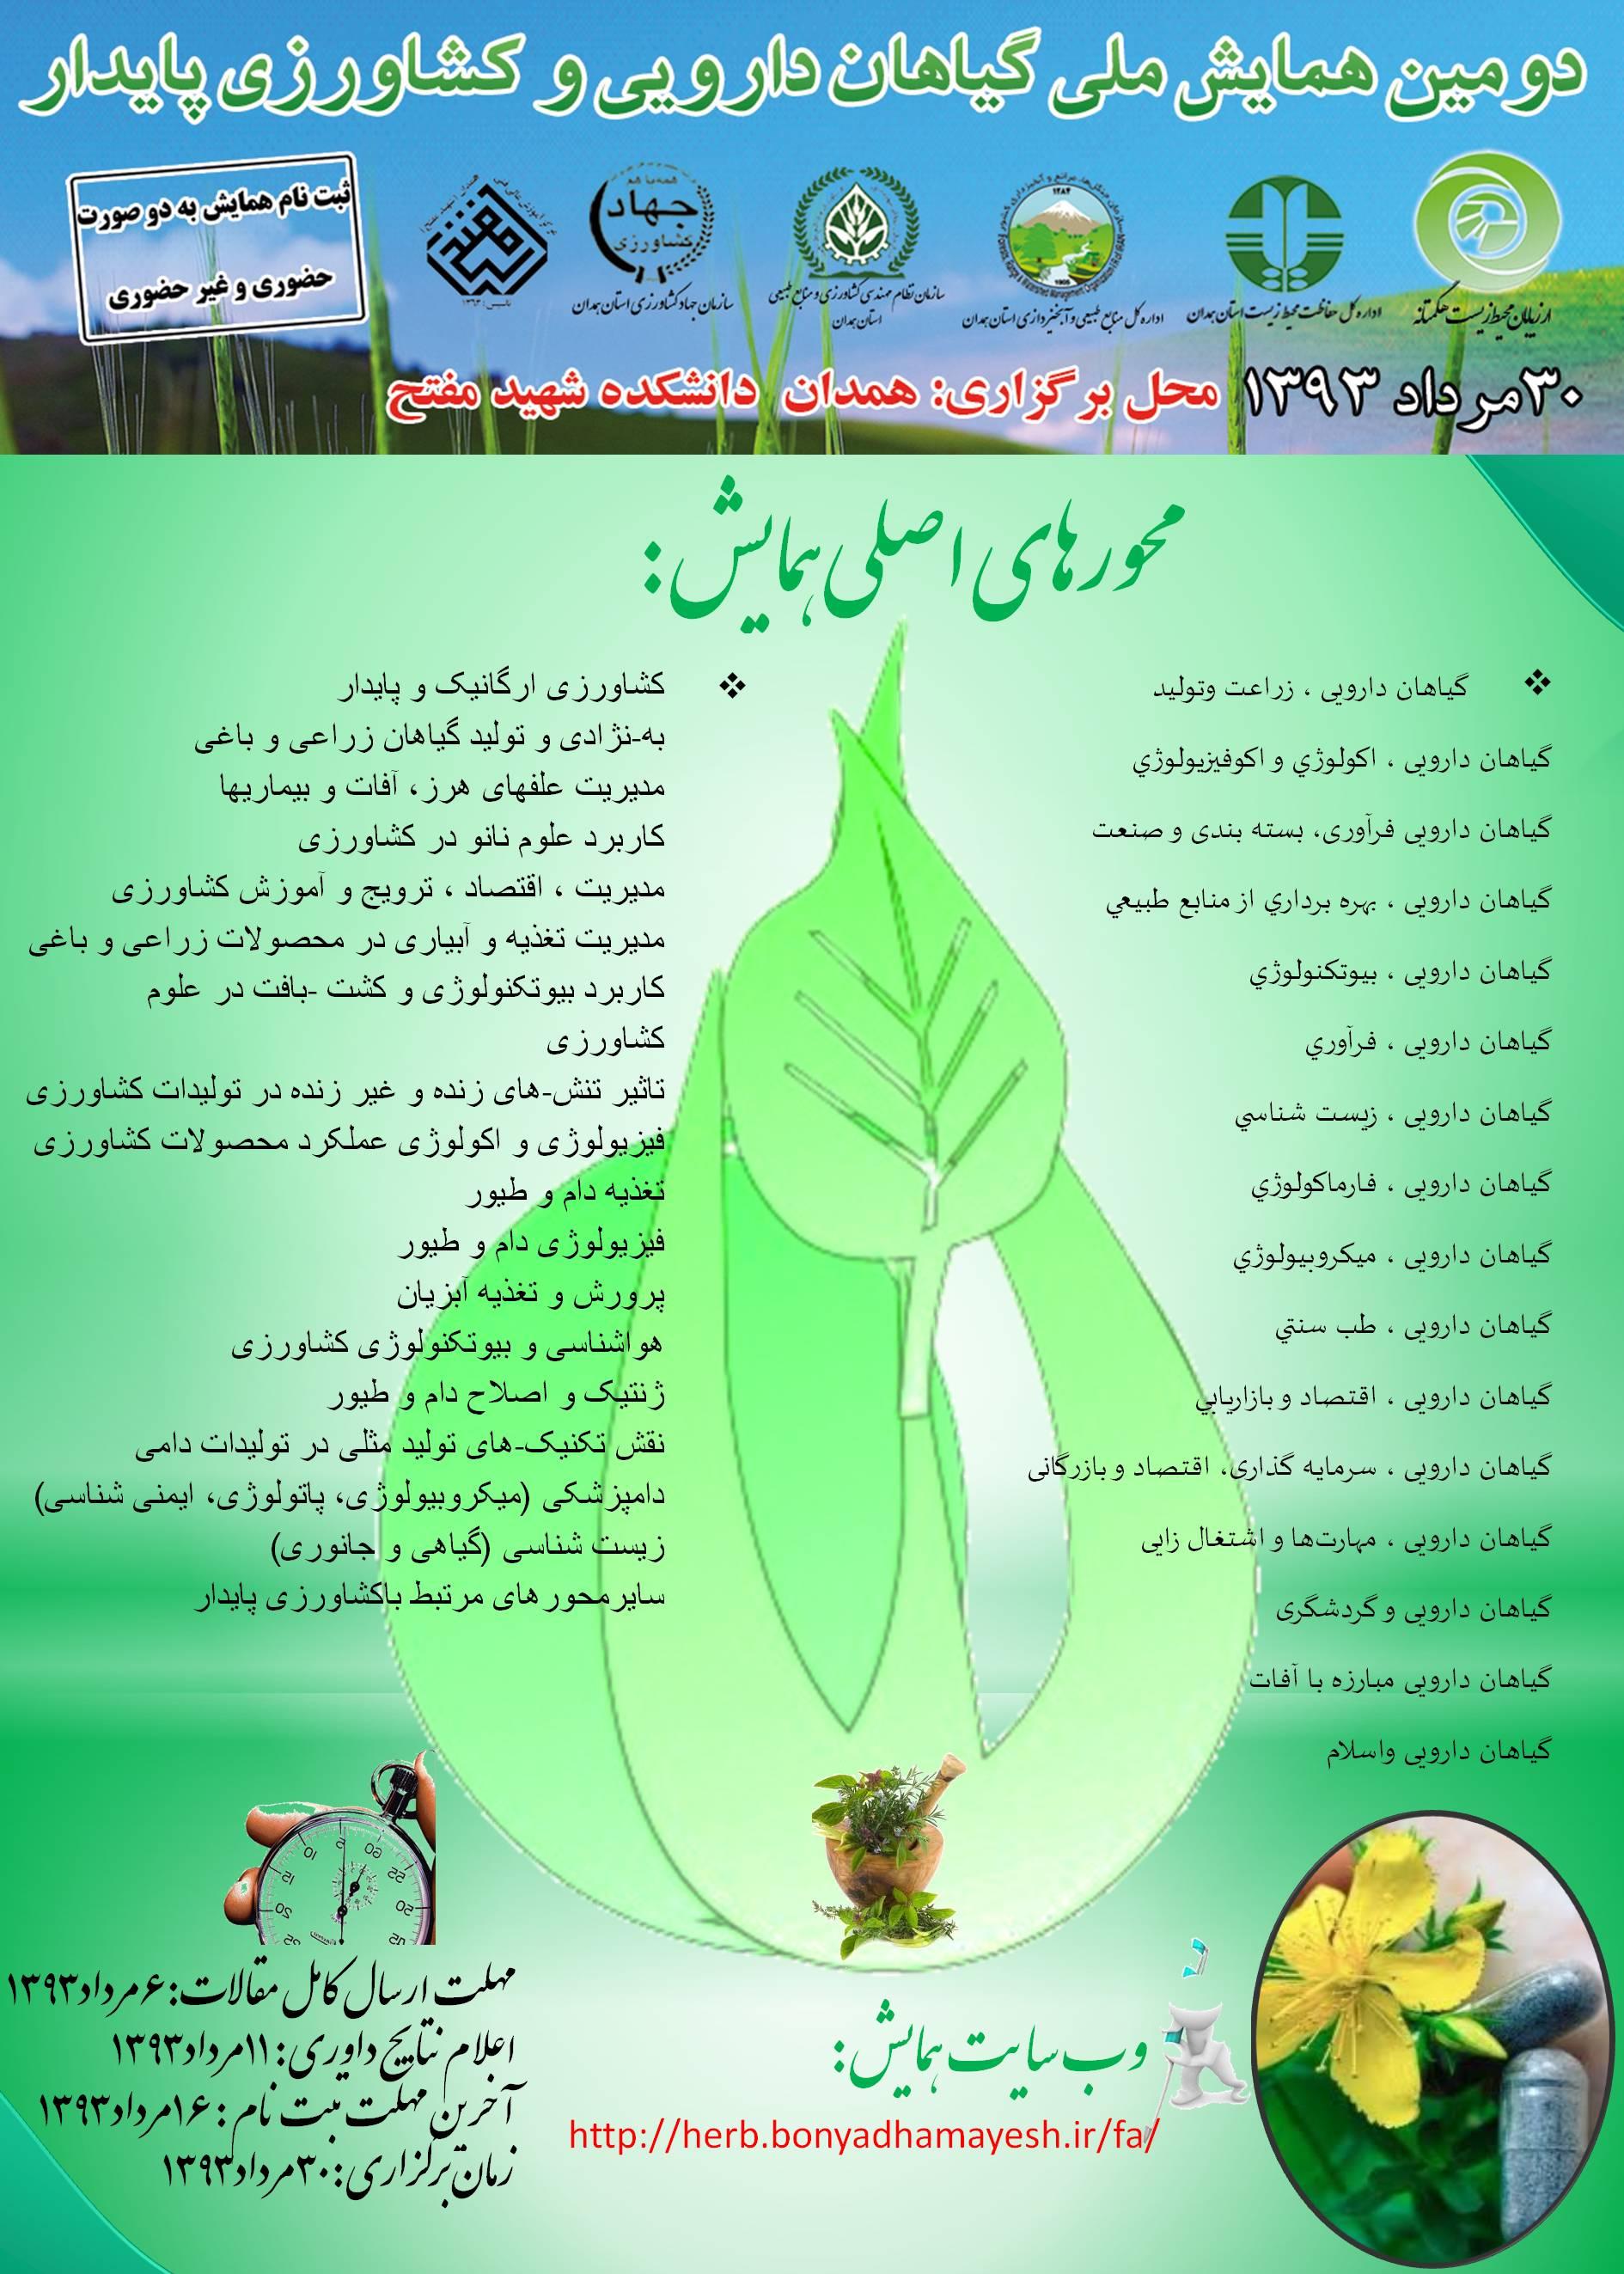 دومین همایش ملی گیاهان دارویی و کشاورزی پایدار